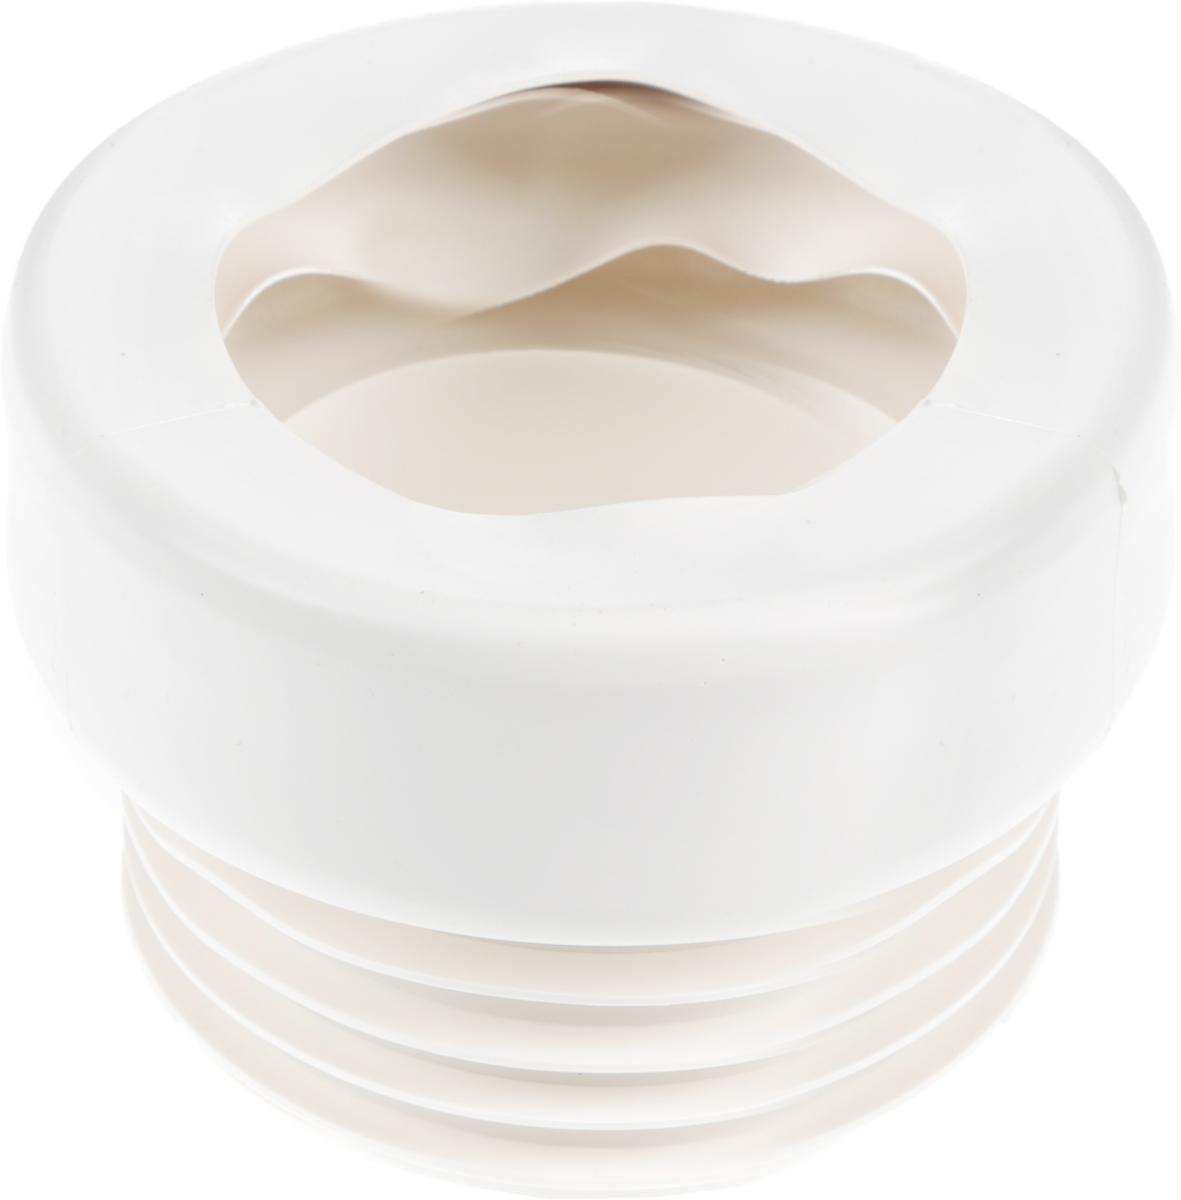 Манжета для унитаза Unicorn, прямая, 110 ммИС.110329Гофрированная манжета для унитаза Unicorn - это прямой соединительный отвод для унитаза. Используется для прочного и герметичного соединения выпуска чаши с патрубком канализационной системы. Гофрированная манжета применима в сложных вариантах установки и подключения унитаза. Гофрой всегда можно выполнить маневр на площади санузла, монтируя ее под любым углом.